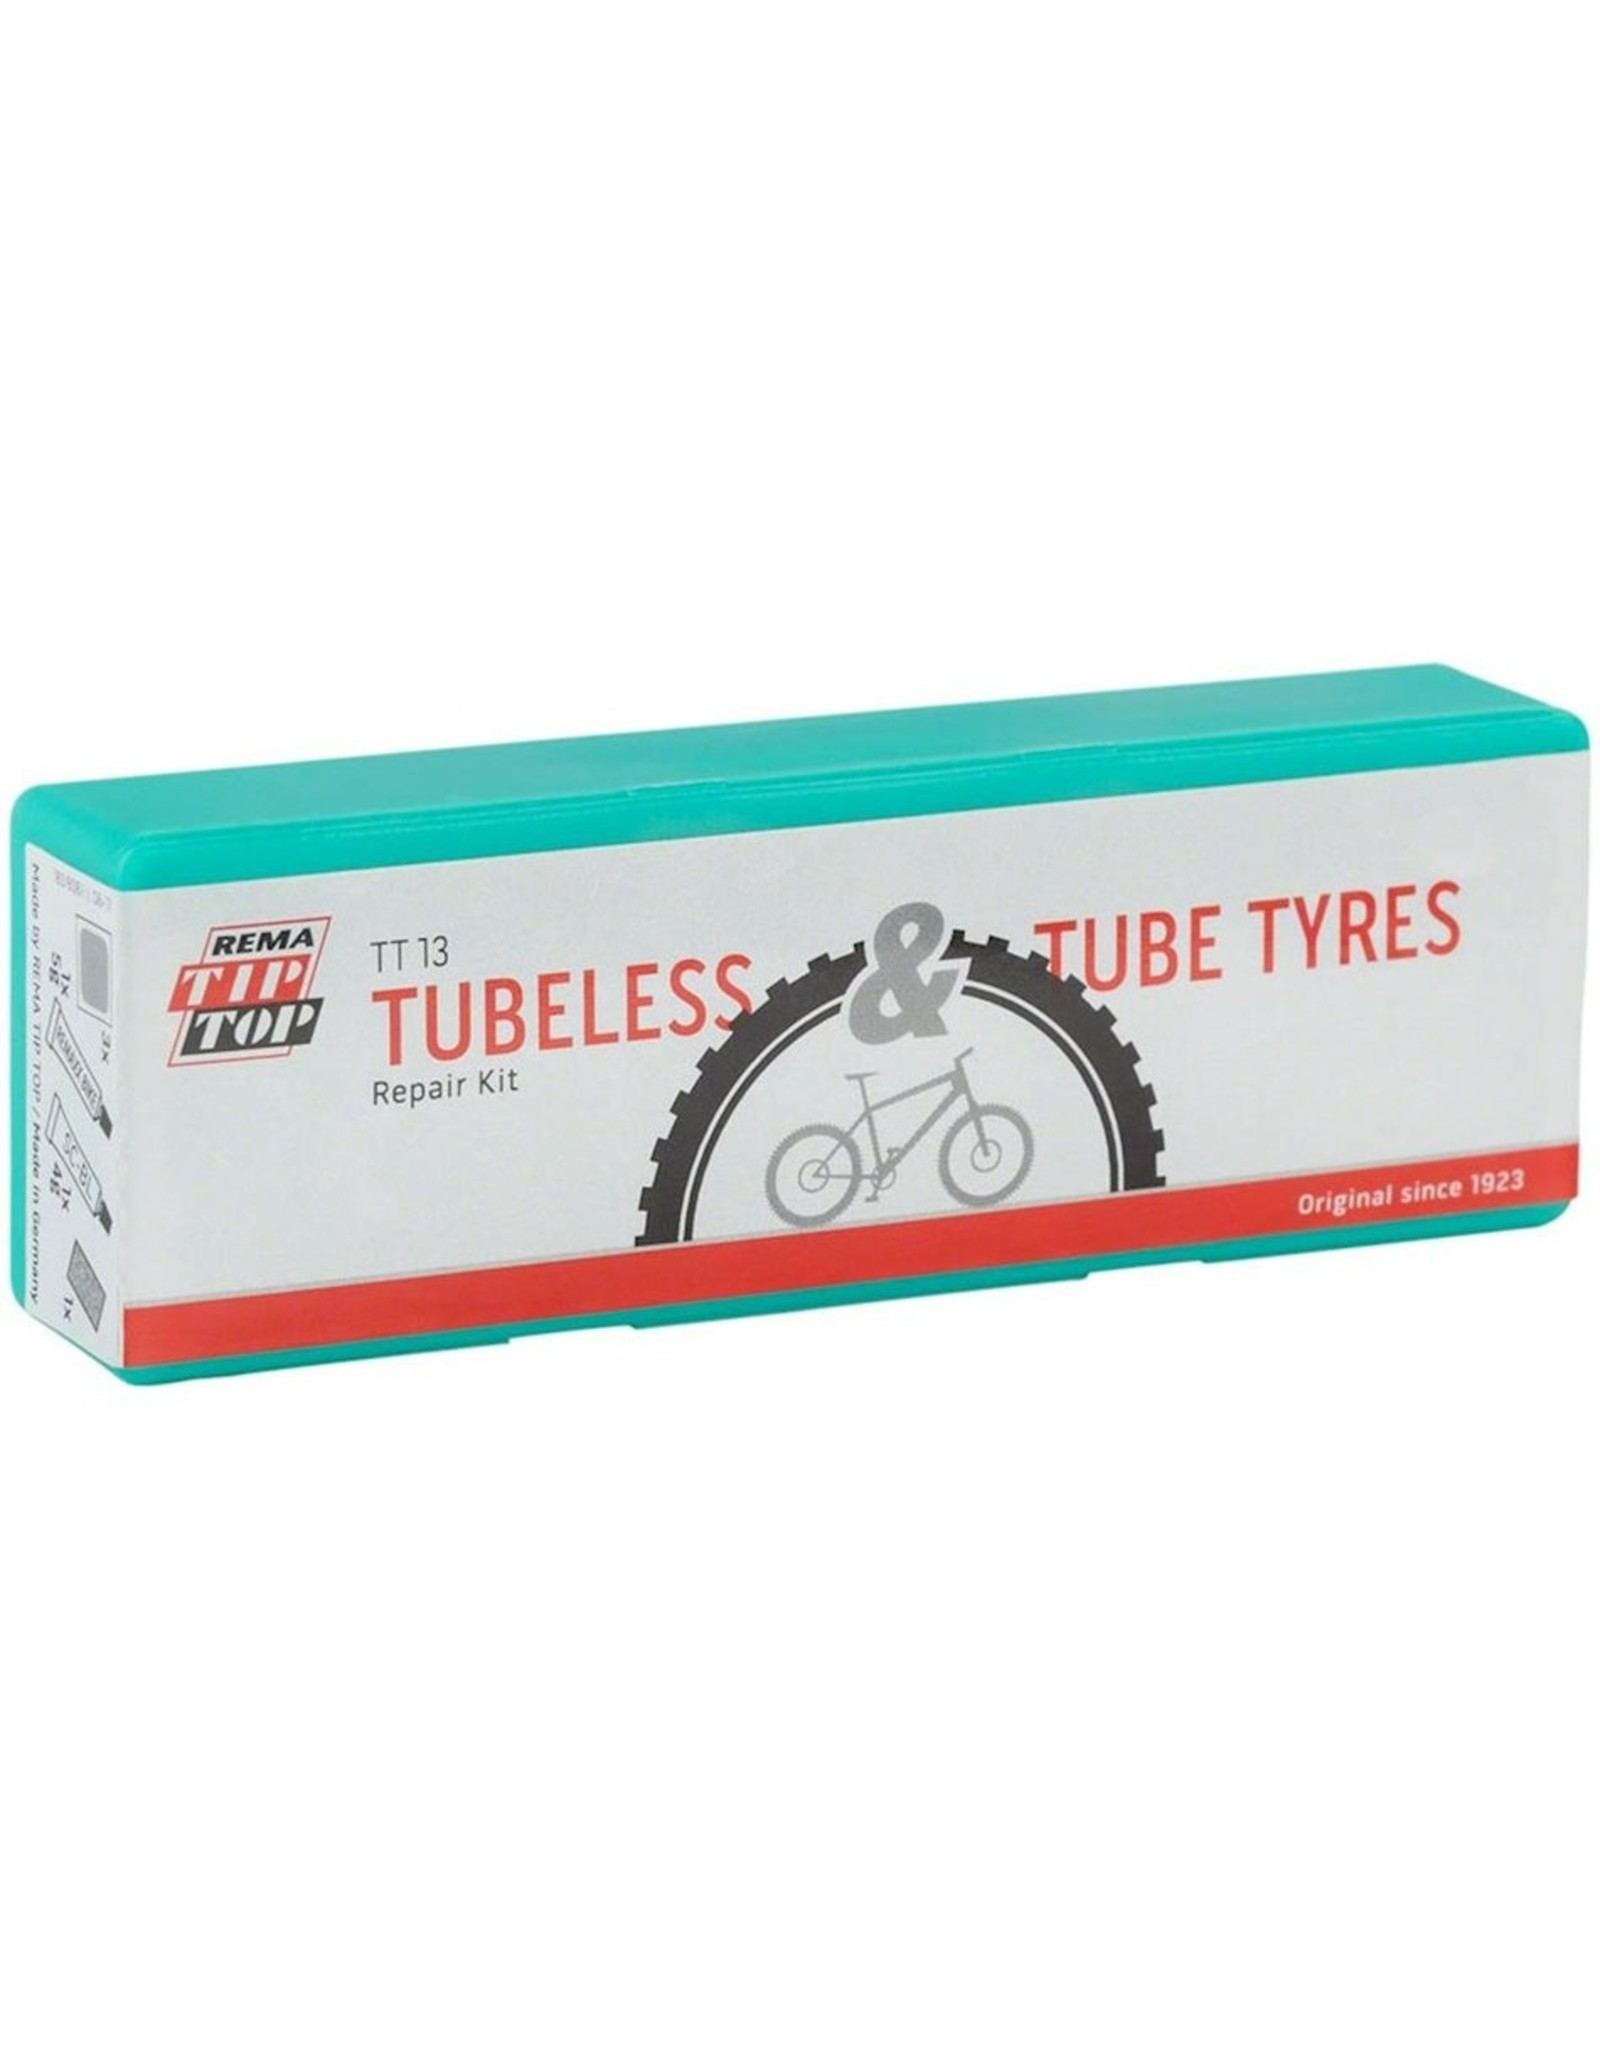 Rema Tip Top Tubeless Repair Kit, Single ORM-D